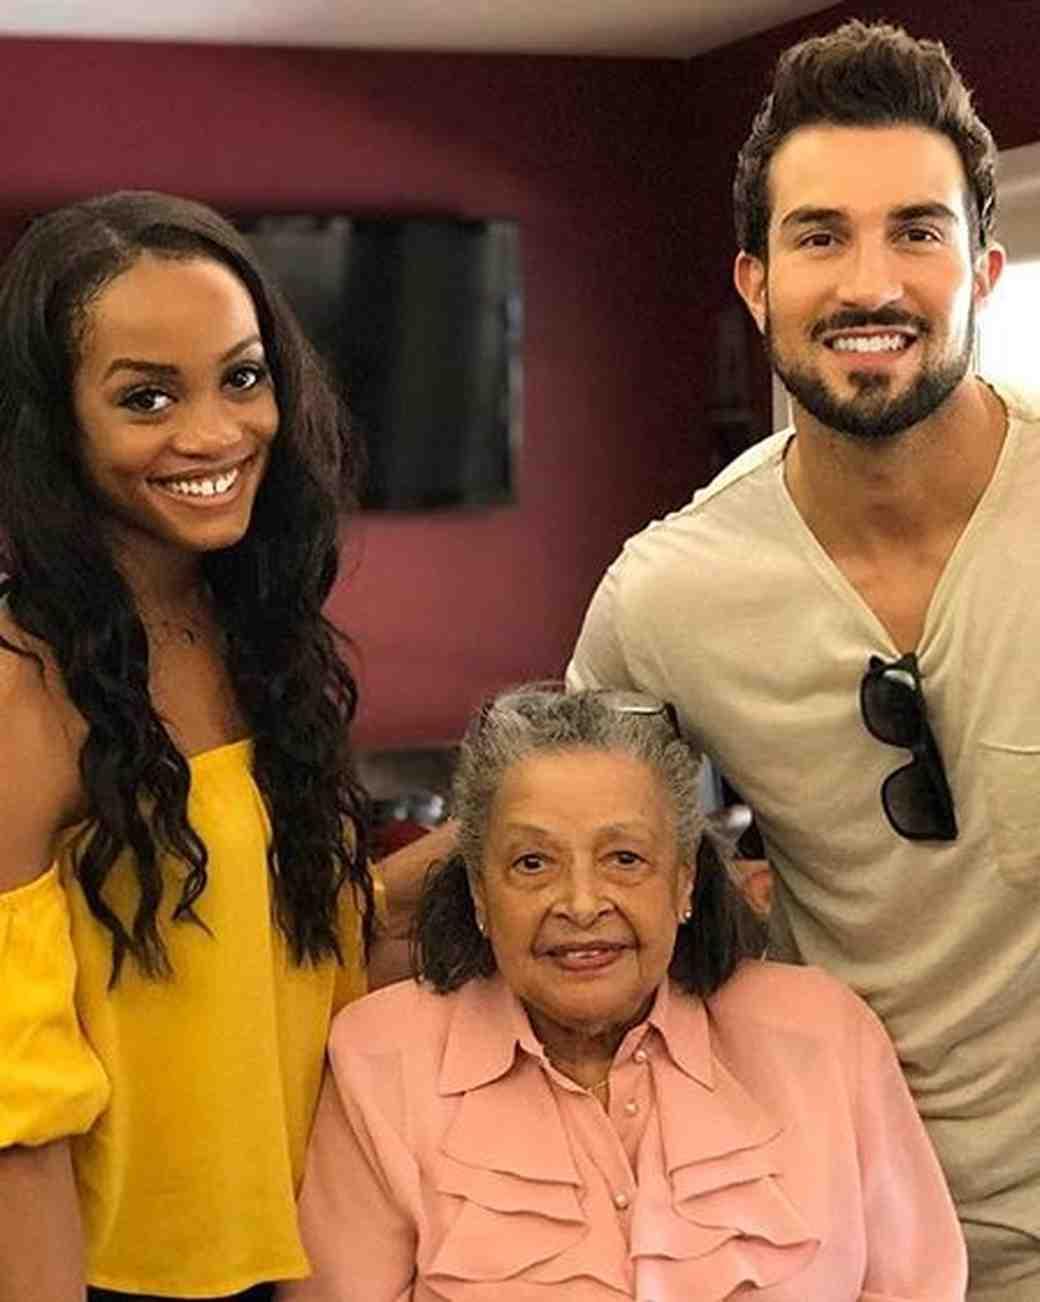 Rachel Lindsay and Bryan Abasolo with Abasolo's grandmother